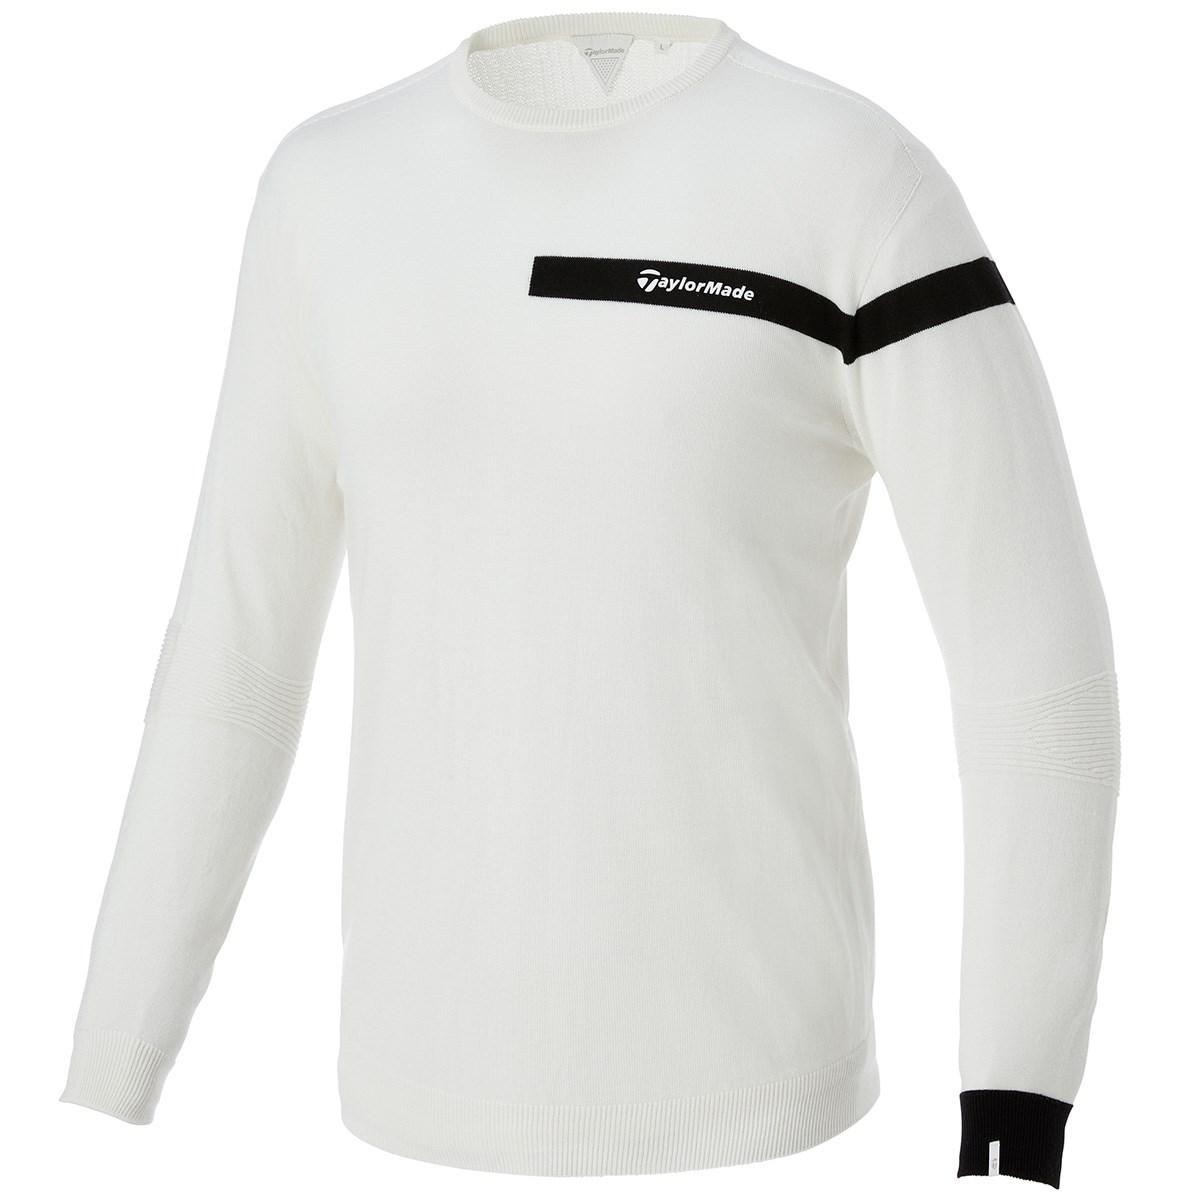 テーラーメイド(Taylor Made) ホールガーメントクルーネックセーター